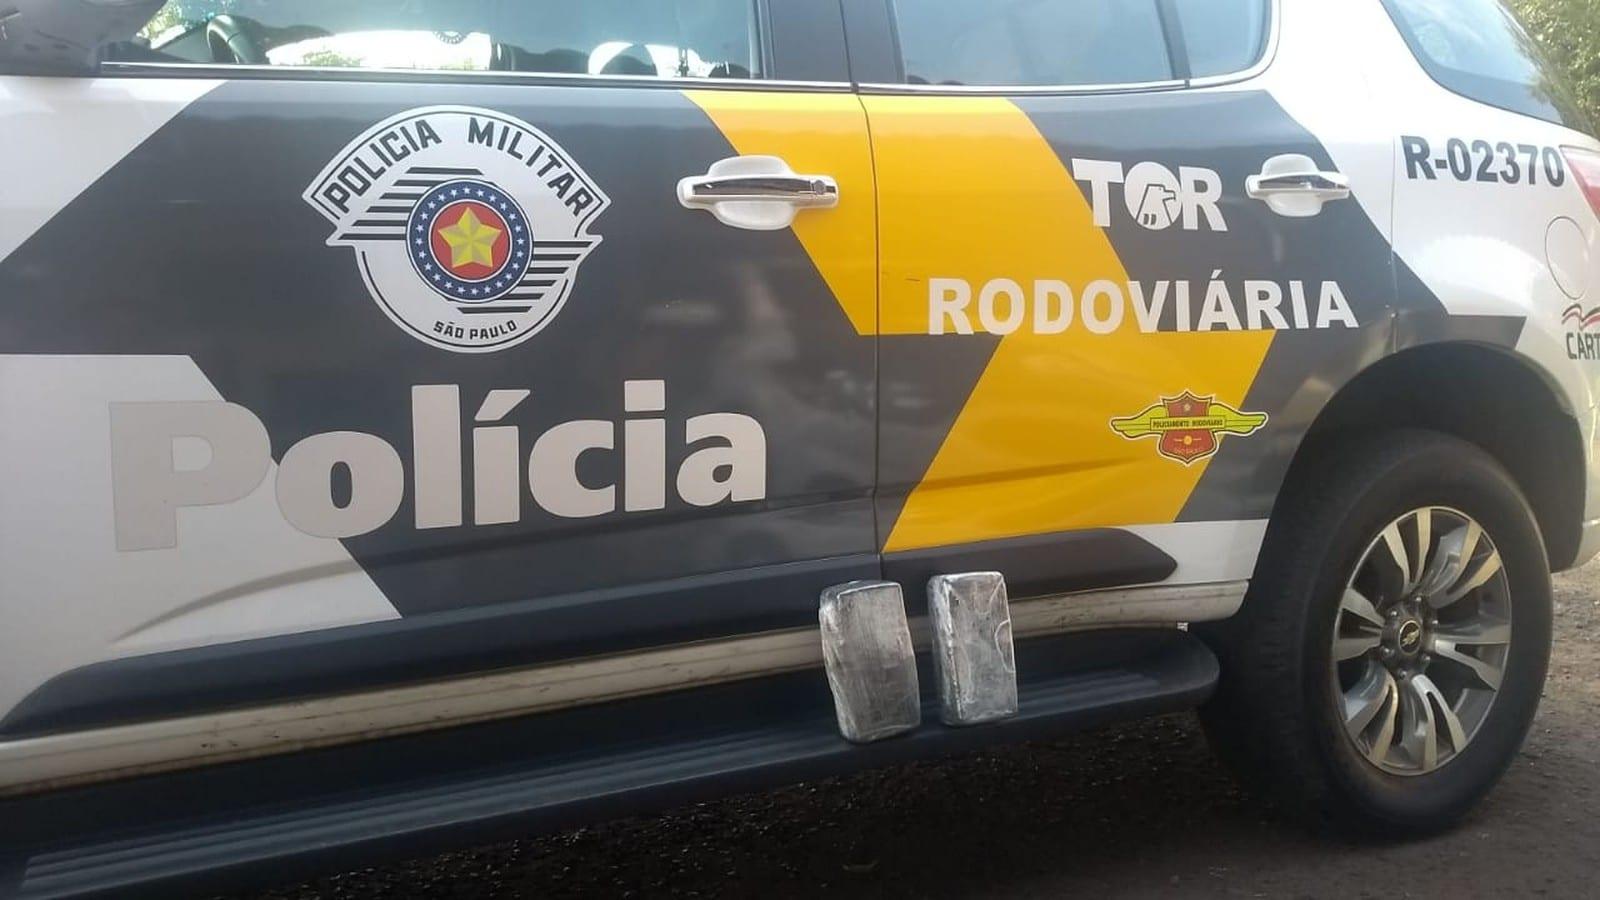 Polícia encontrou dois tabletes de pasta base de cocaína na bolsa de uma passageira de ônibus em Assis — Foto: Polícia Militar Rodoviária/Divulgação